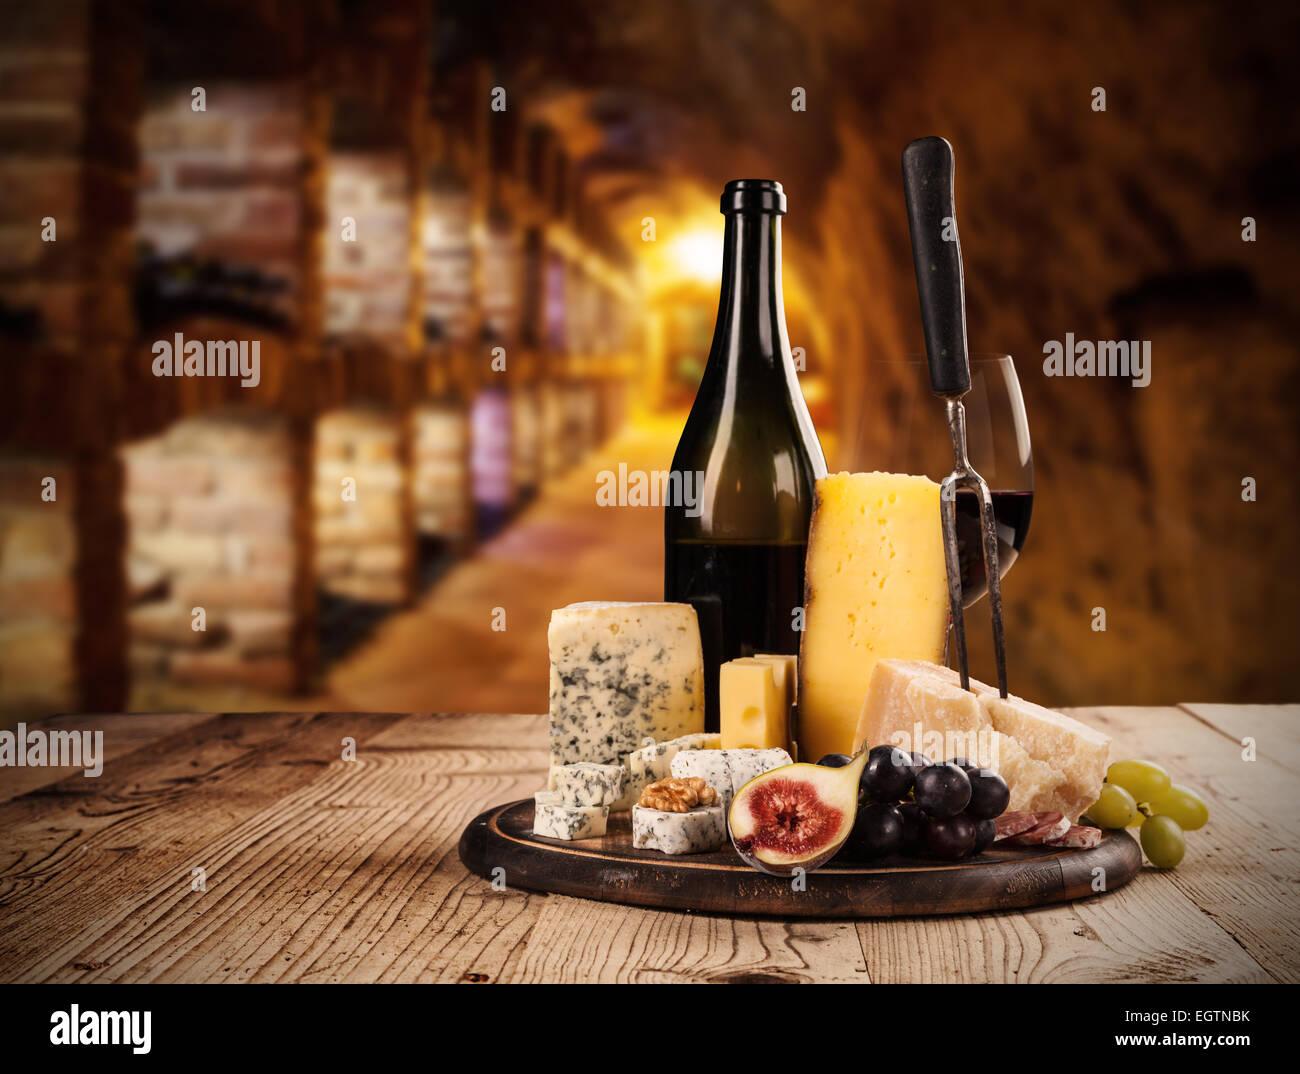 Verschiedene Arten von Käse mit Rotwein im Keller Stockbild